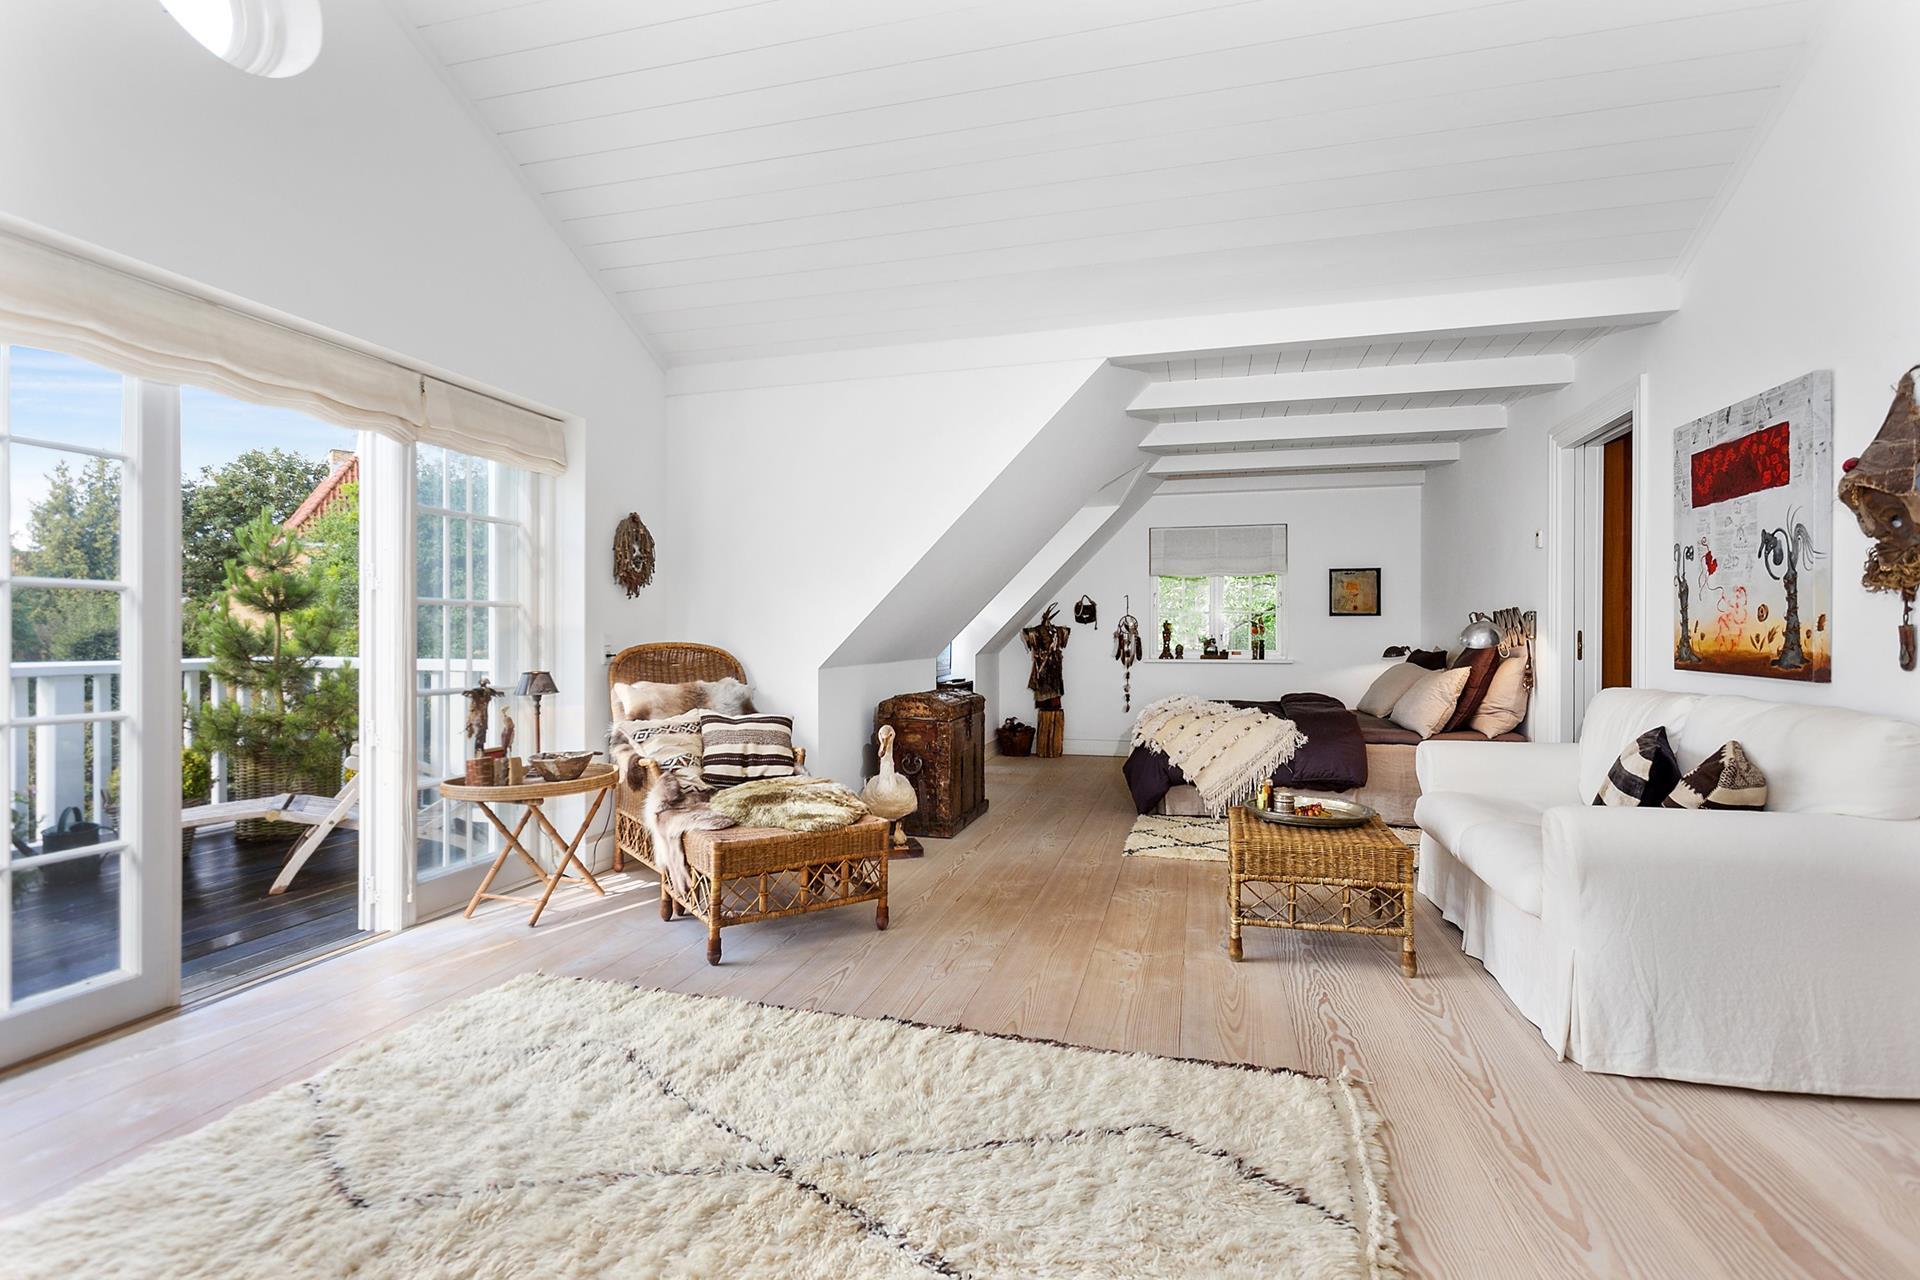 спальня балкон ковер деревянный пол мансарда